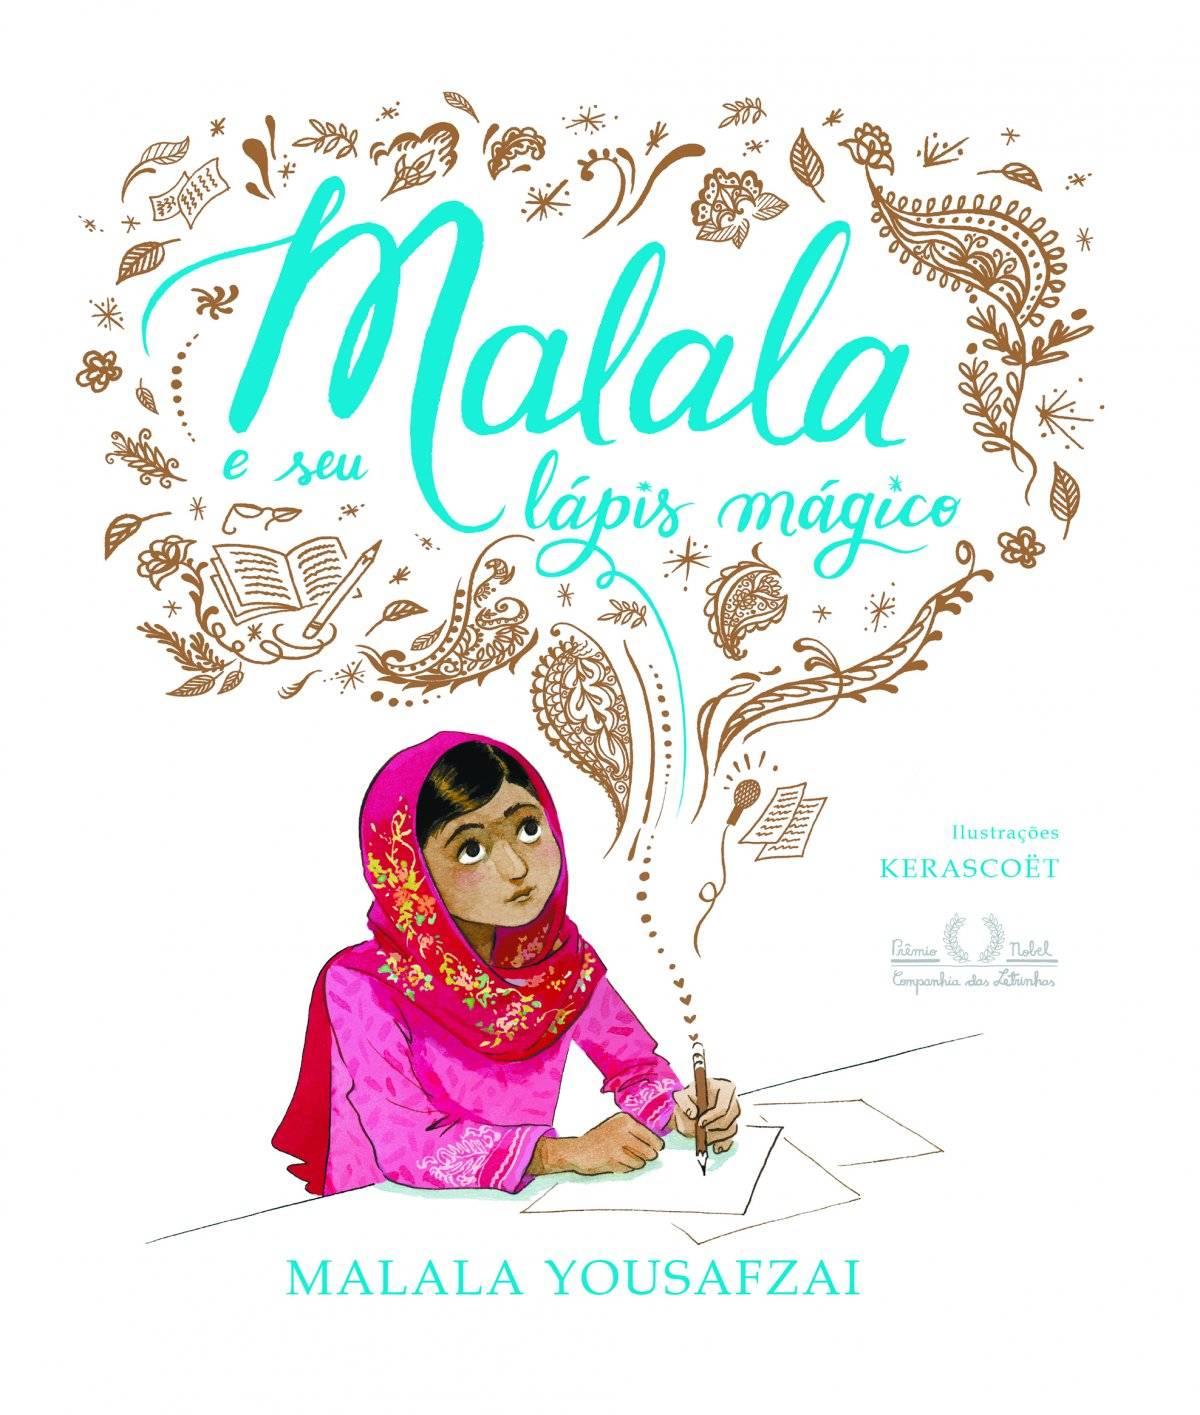 """Livro """"Malala e Seu Lápis Mágico"""" (Companhia das Letras) Preço sugerido: R$ 35 www.companhiadasletras.com.br"""